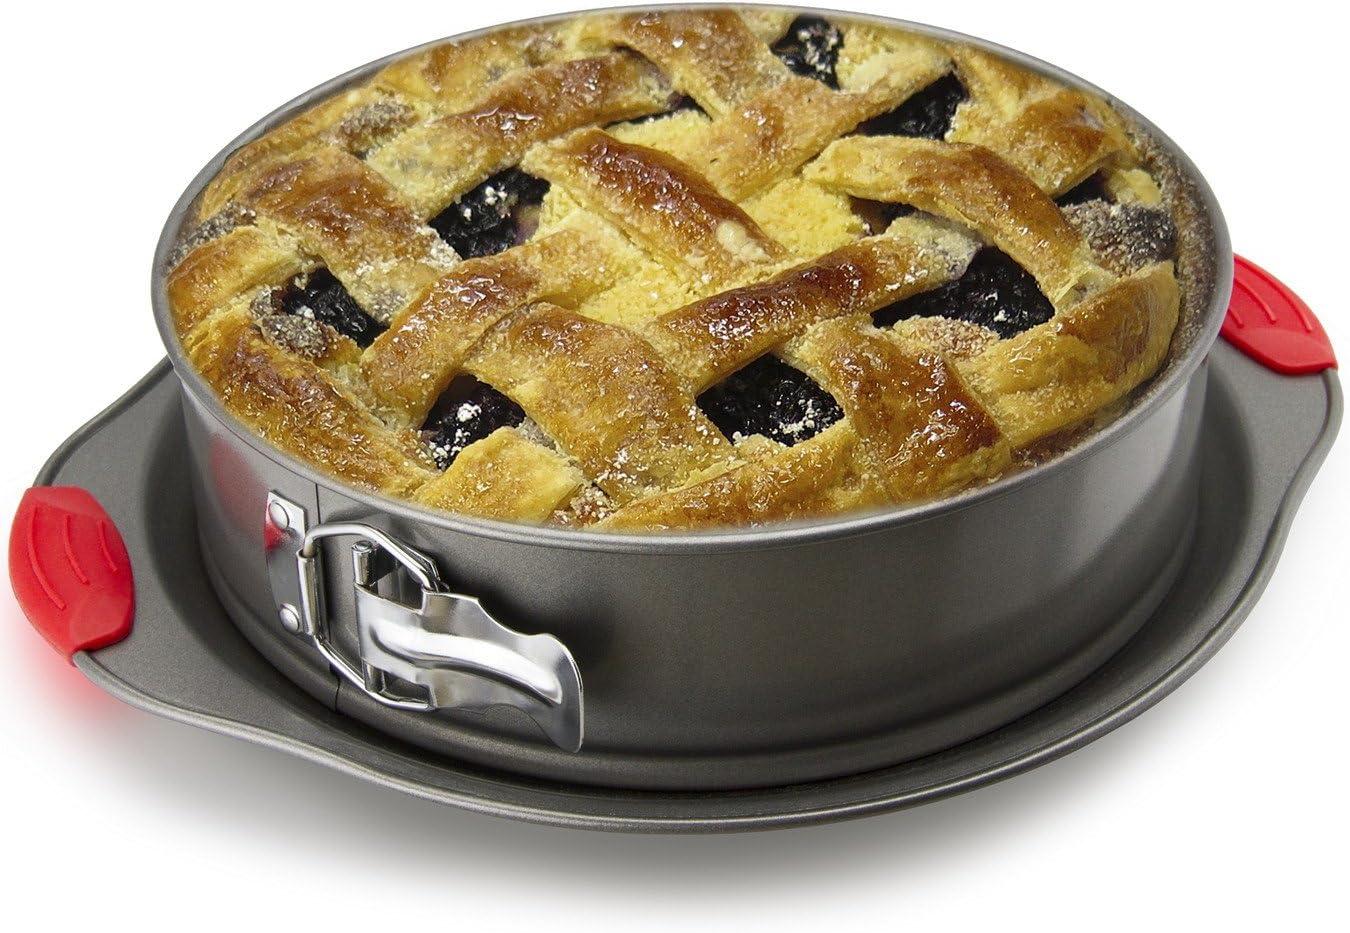 Stampo per Torte di Lunga Tenuta con Prese in Silicone Boxiki Kitchen Stampo per Torte a Cerniera Antiaderente Stampo per Cheesecake 2 in 1 e Stampo ad Anello per Torte